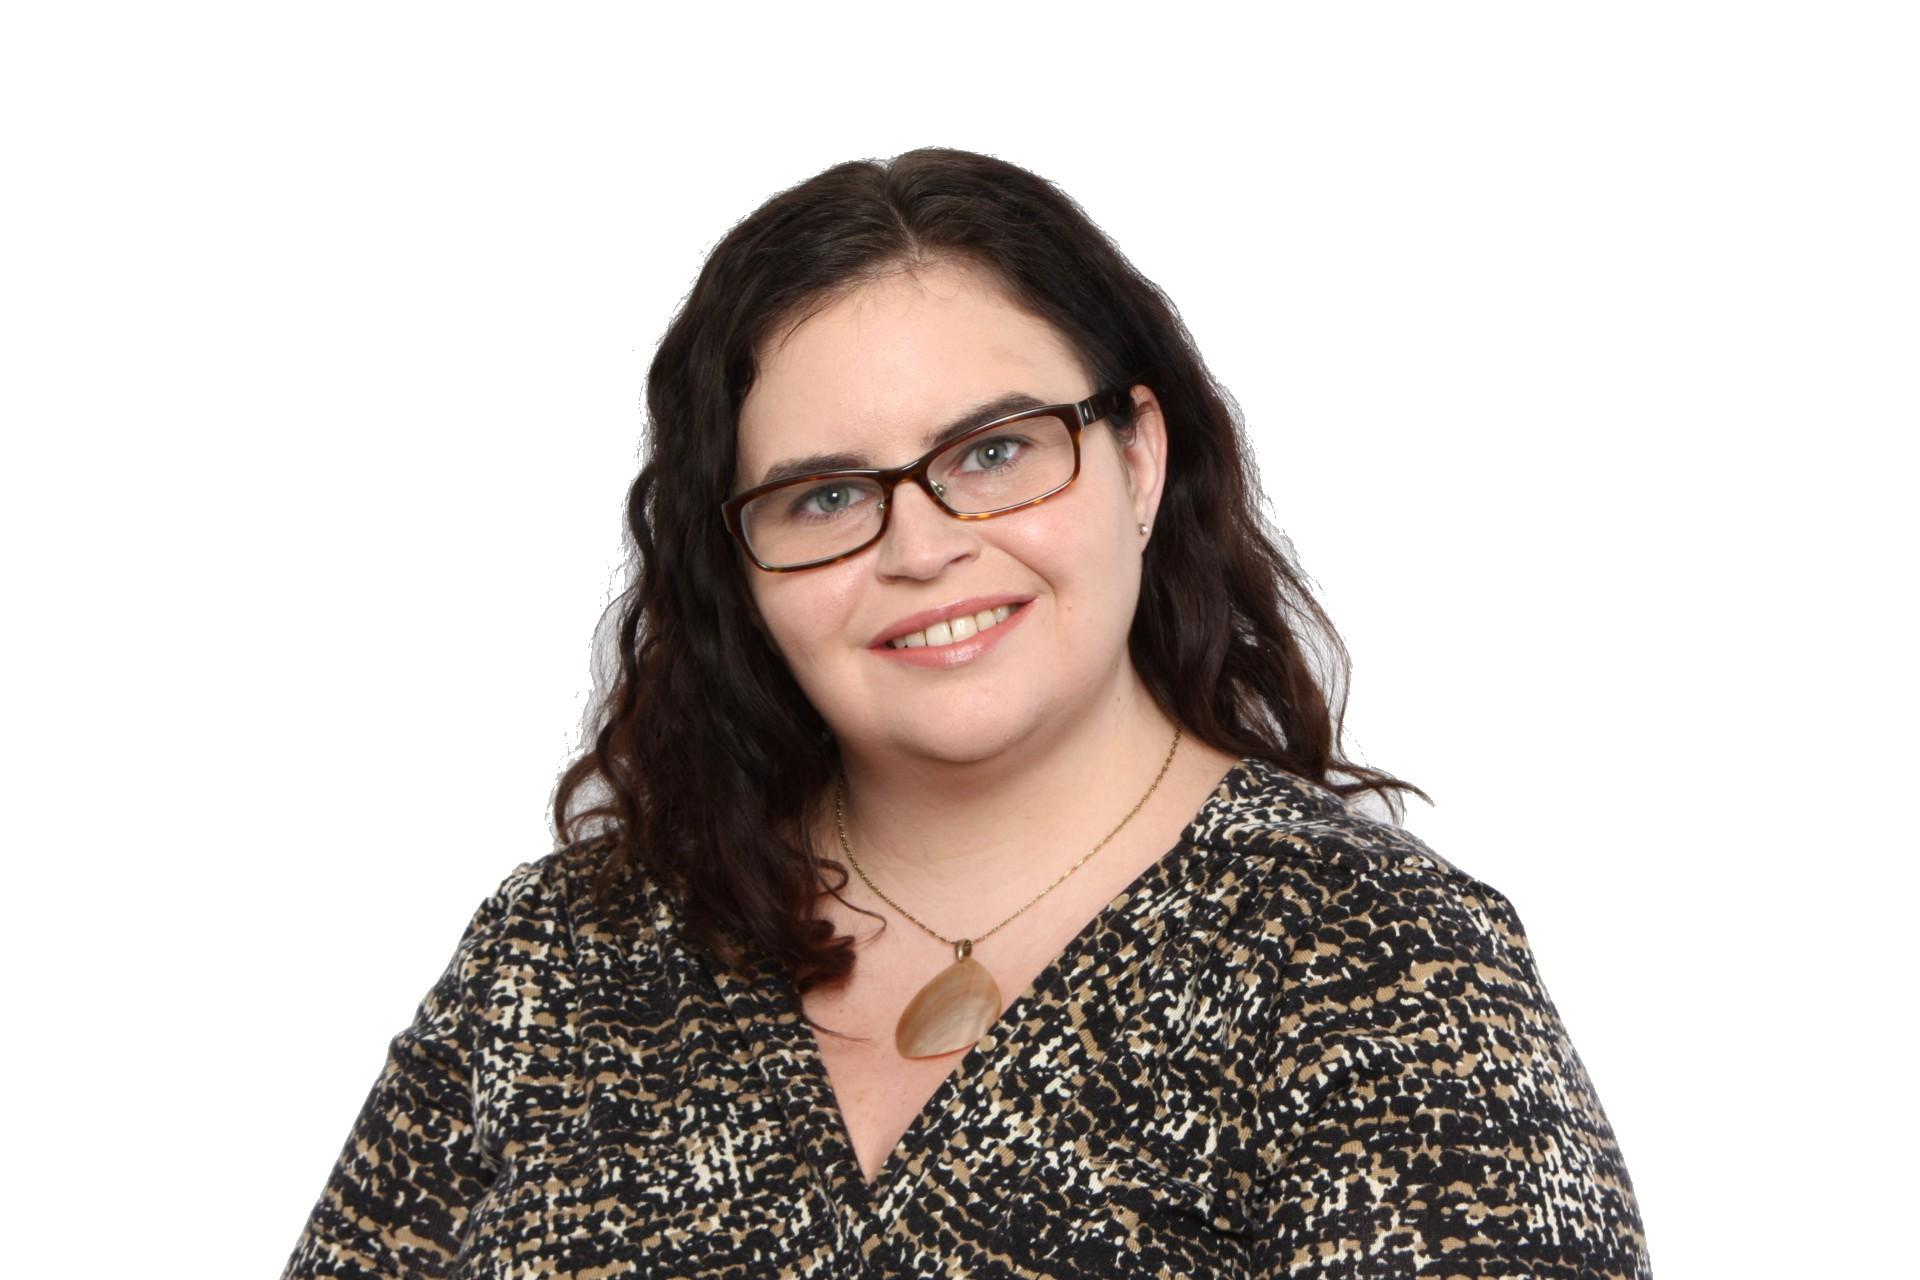 Katie Nicholl